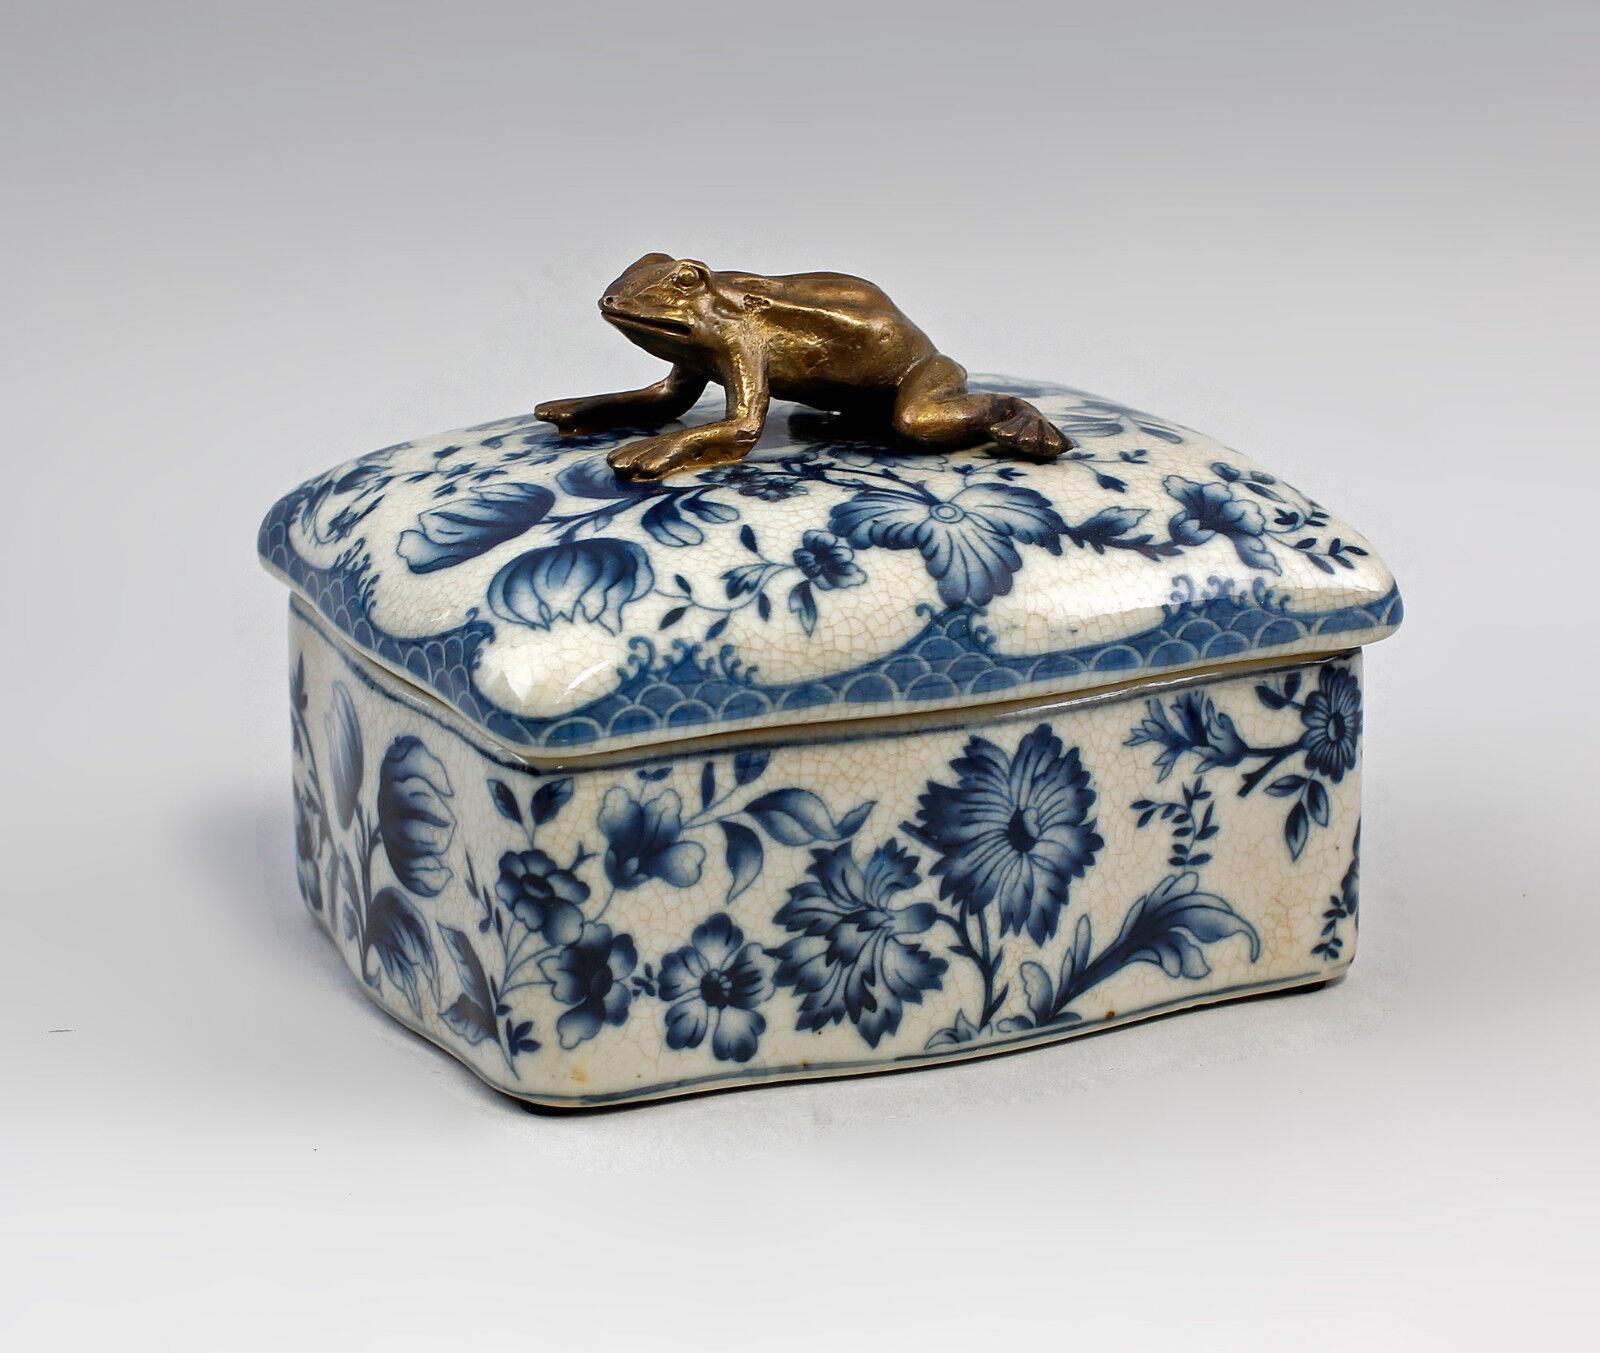 9977368 Messing Keramik Dose Floraldekor Frosch blau 10x14cm 10x14cm 10x14cm | Verschiedene Stile und Stile  5a9044